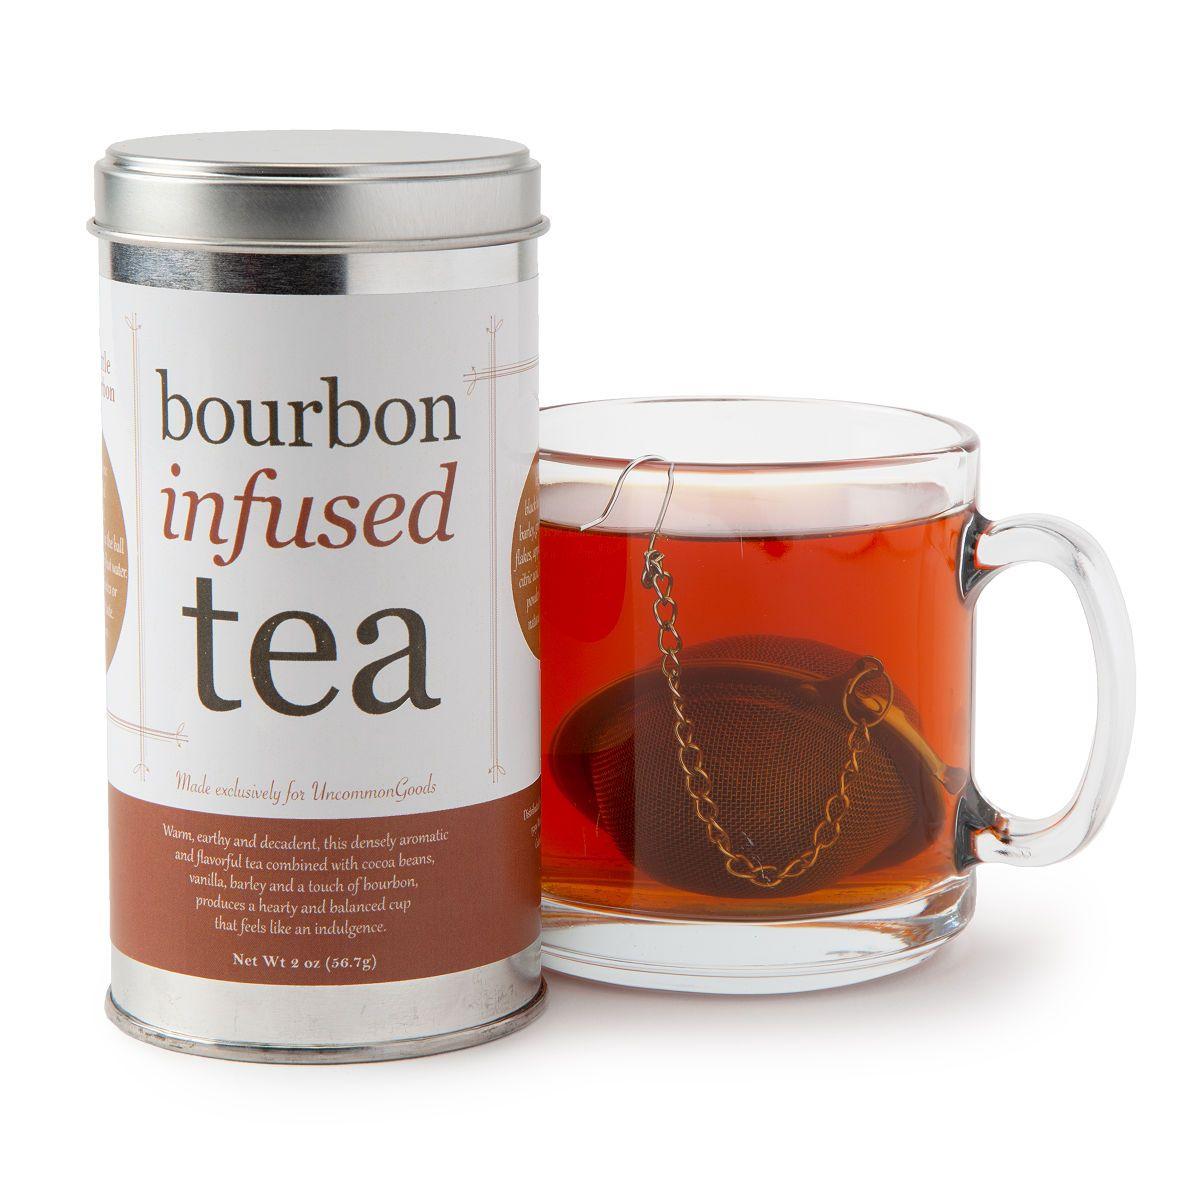 Bourbon Infused Tea Infused Coffee Flavored Tea Organic Black Tea